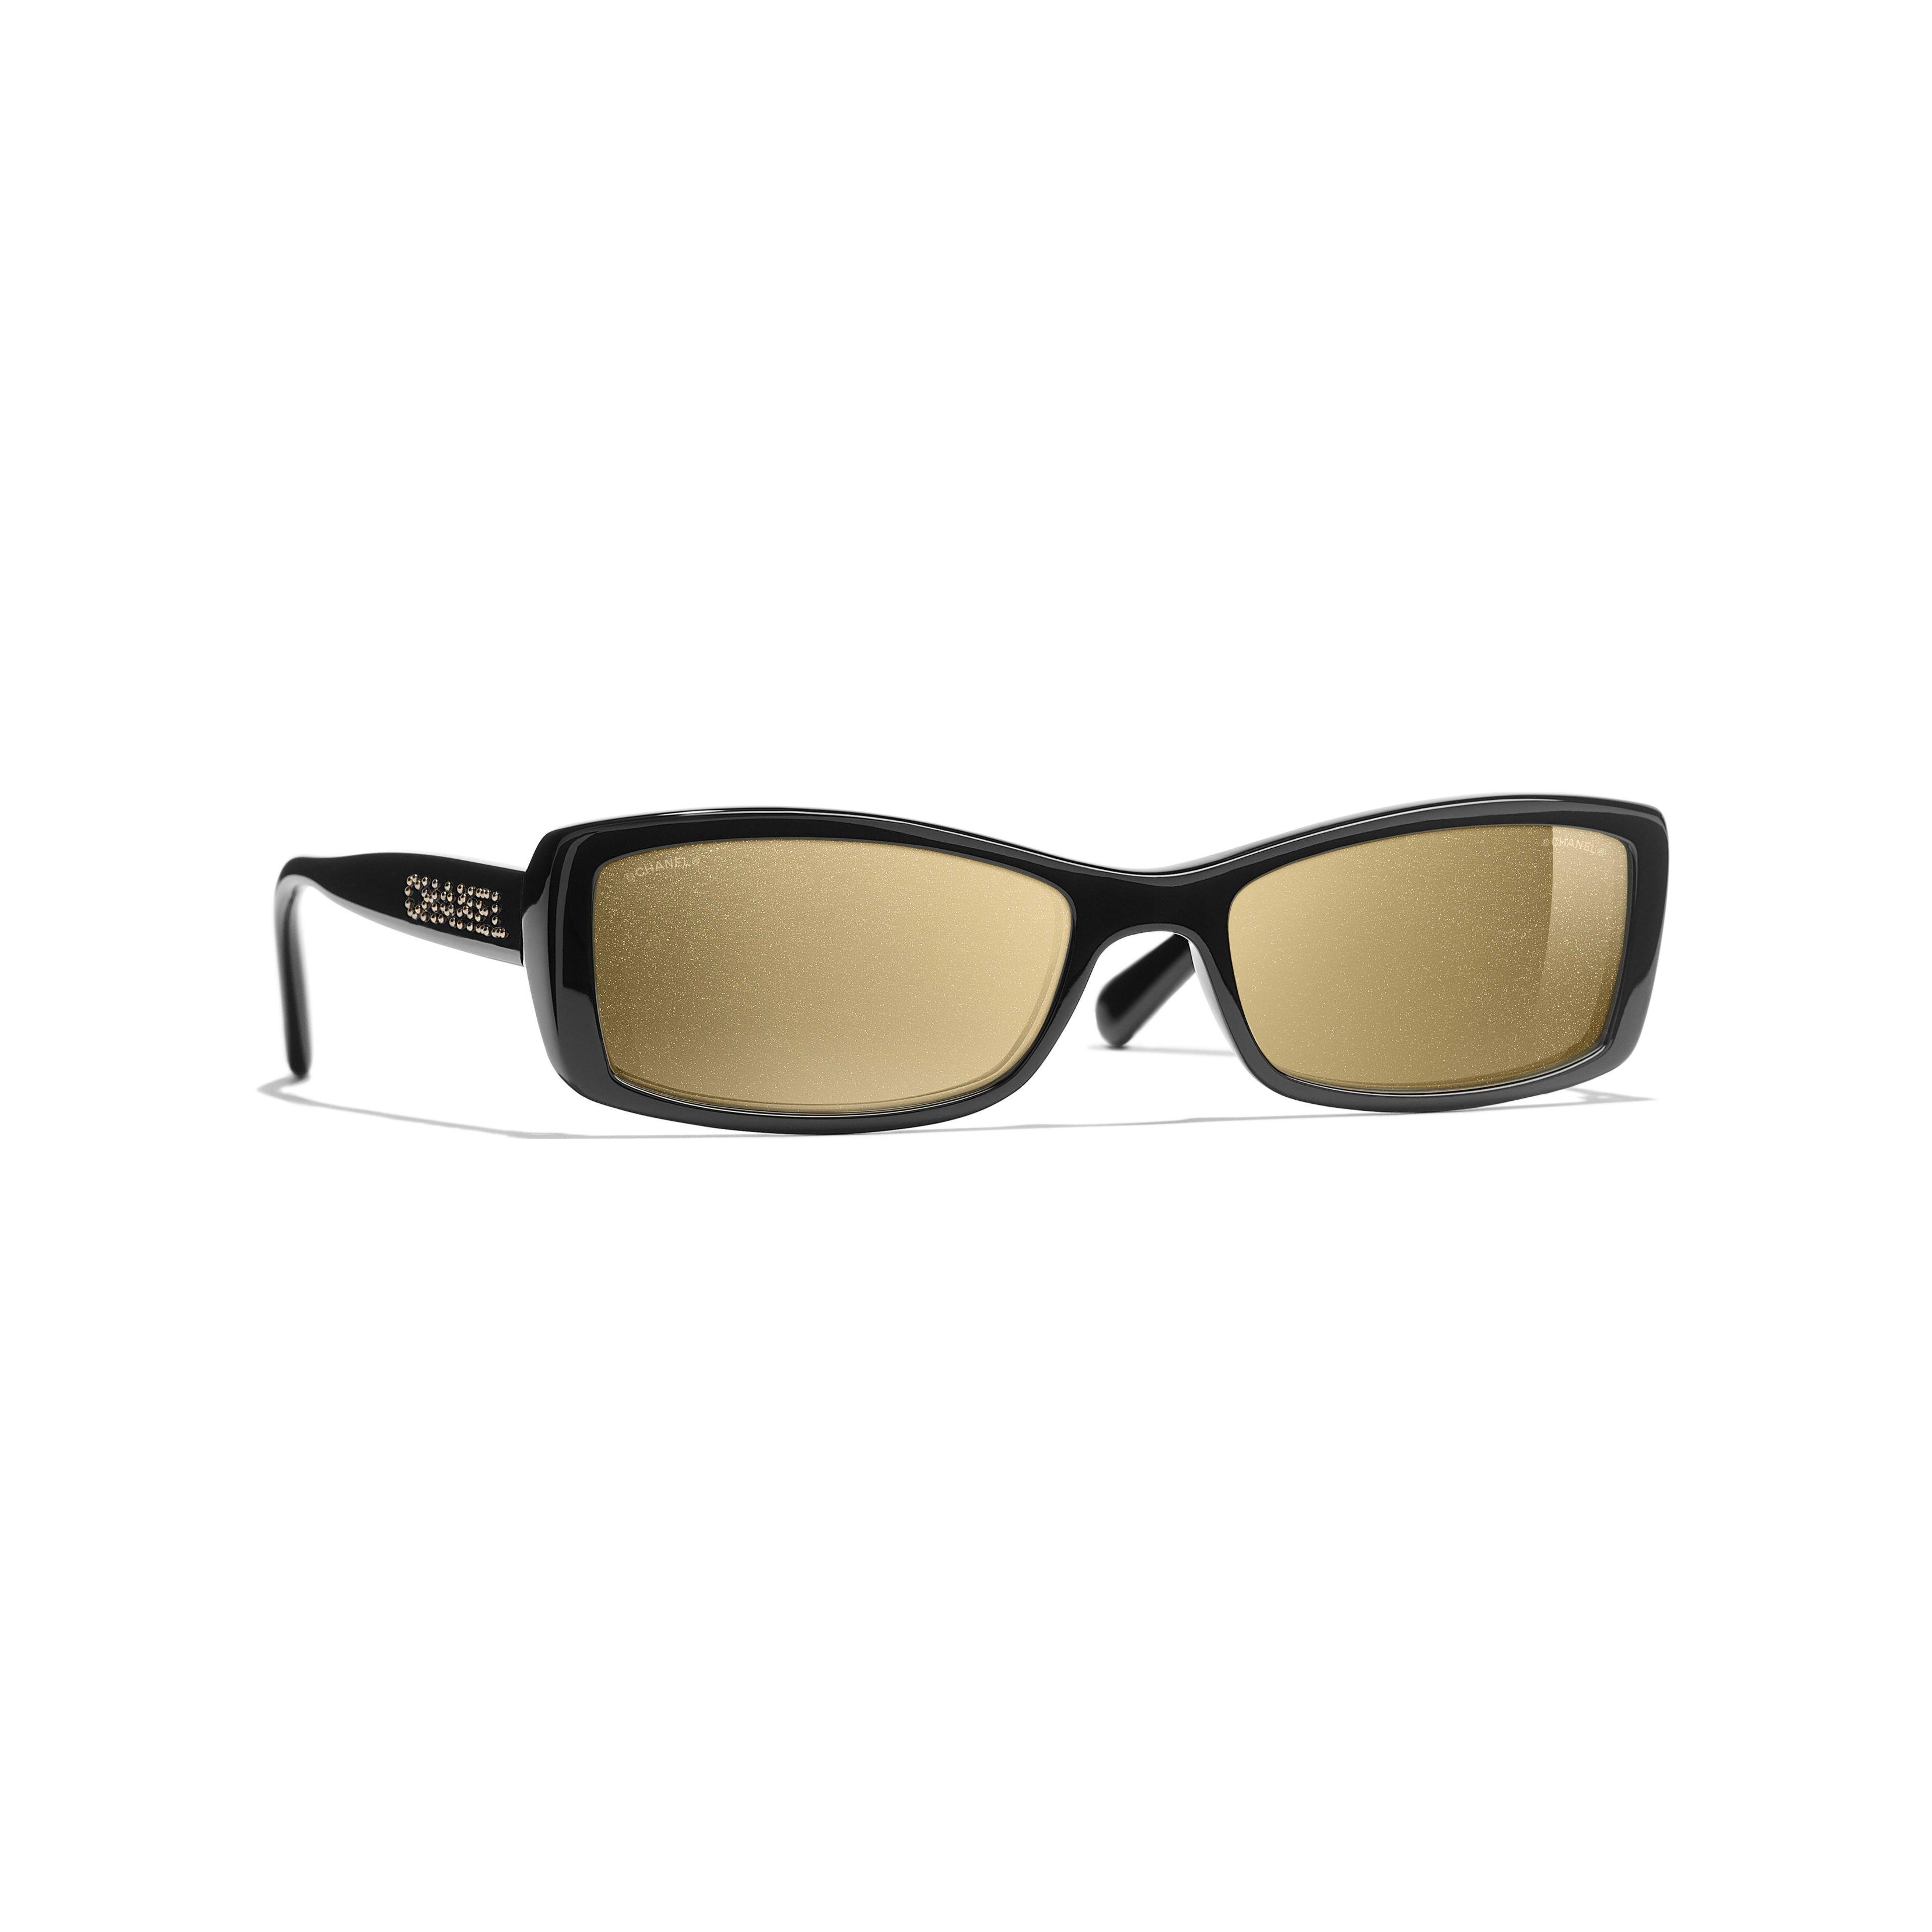 Madeline Black Slim Rectangular Frame Dark Lens Sunglasses